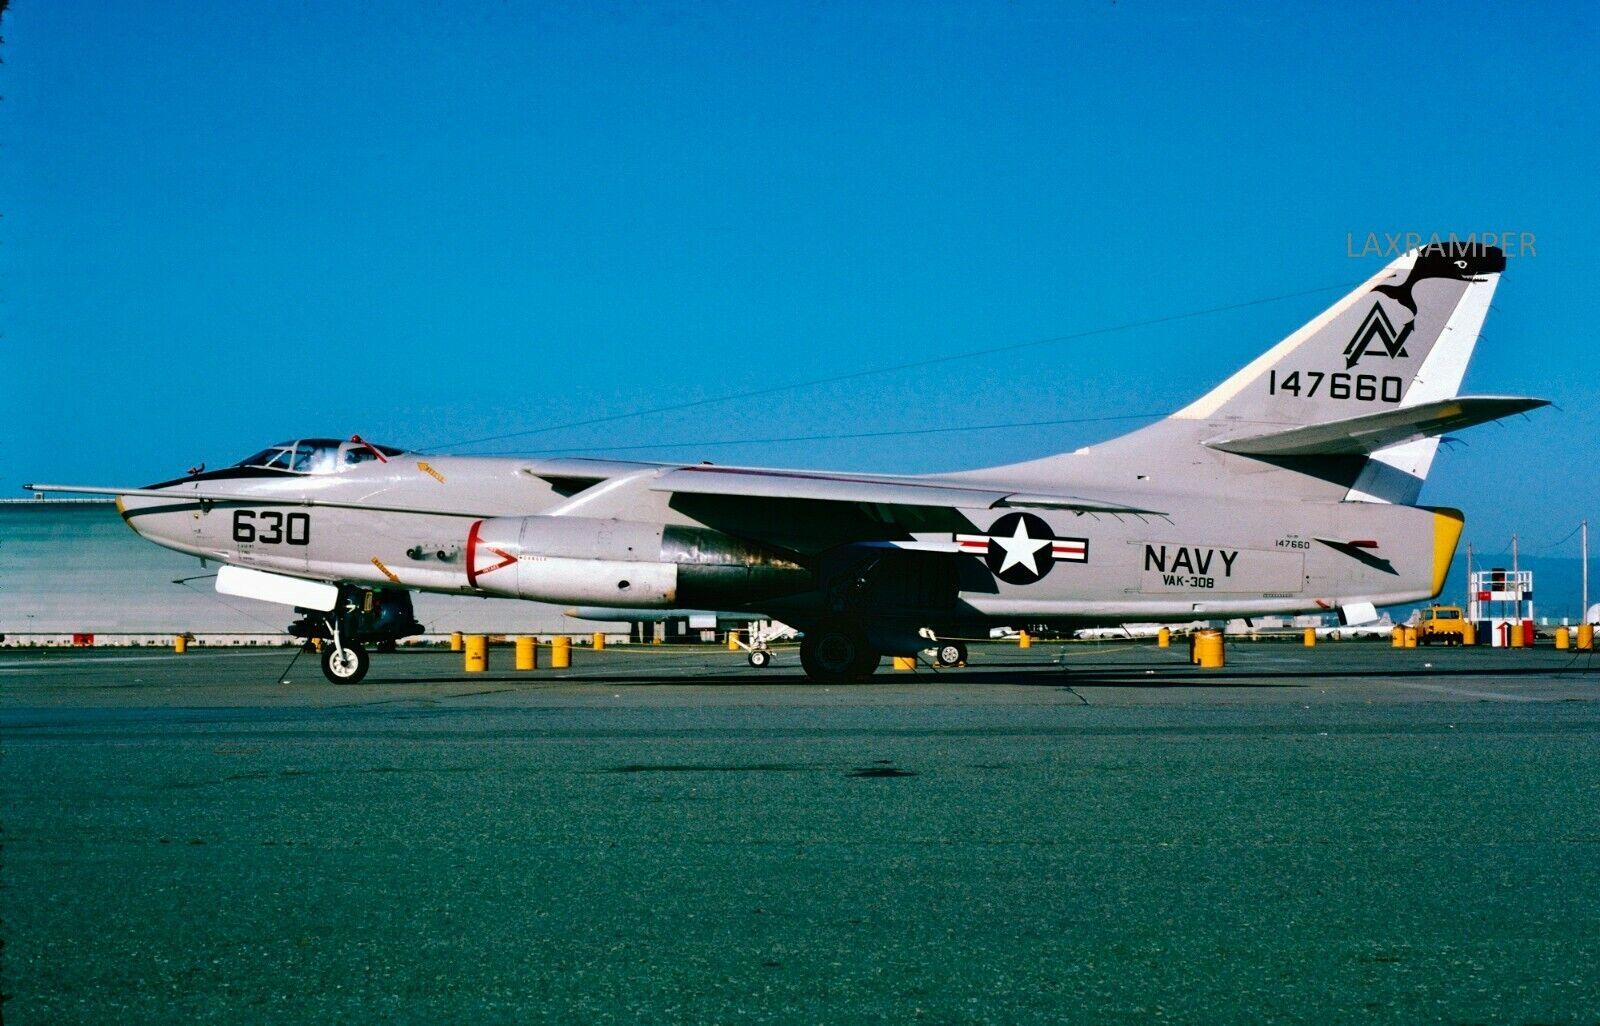 Original Slide USN Douglas BuNo 147660 KA-3B CN 12424 Sky Warrior NAVY A-3  - $1.95